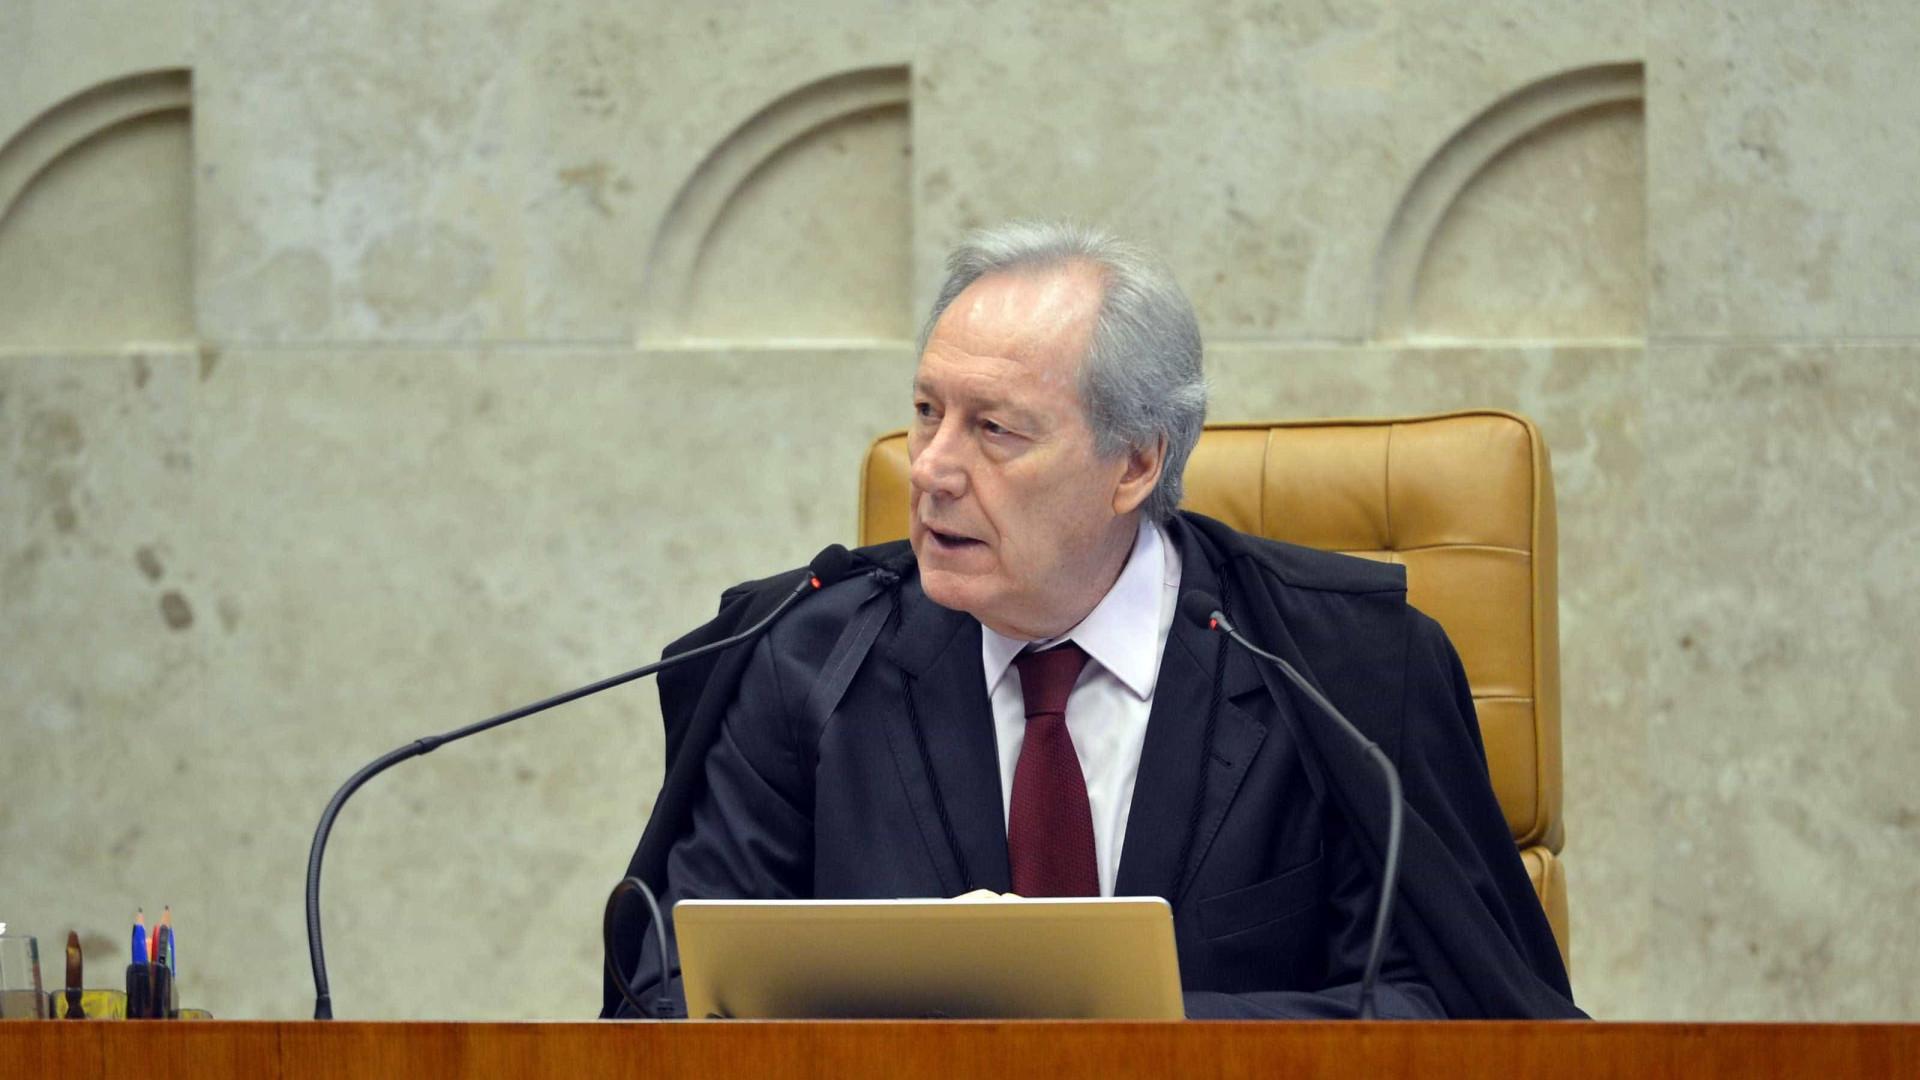 Lewandowski leva a julgamento reclamação de Lula contra grampos